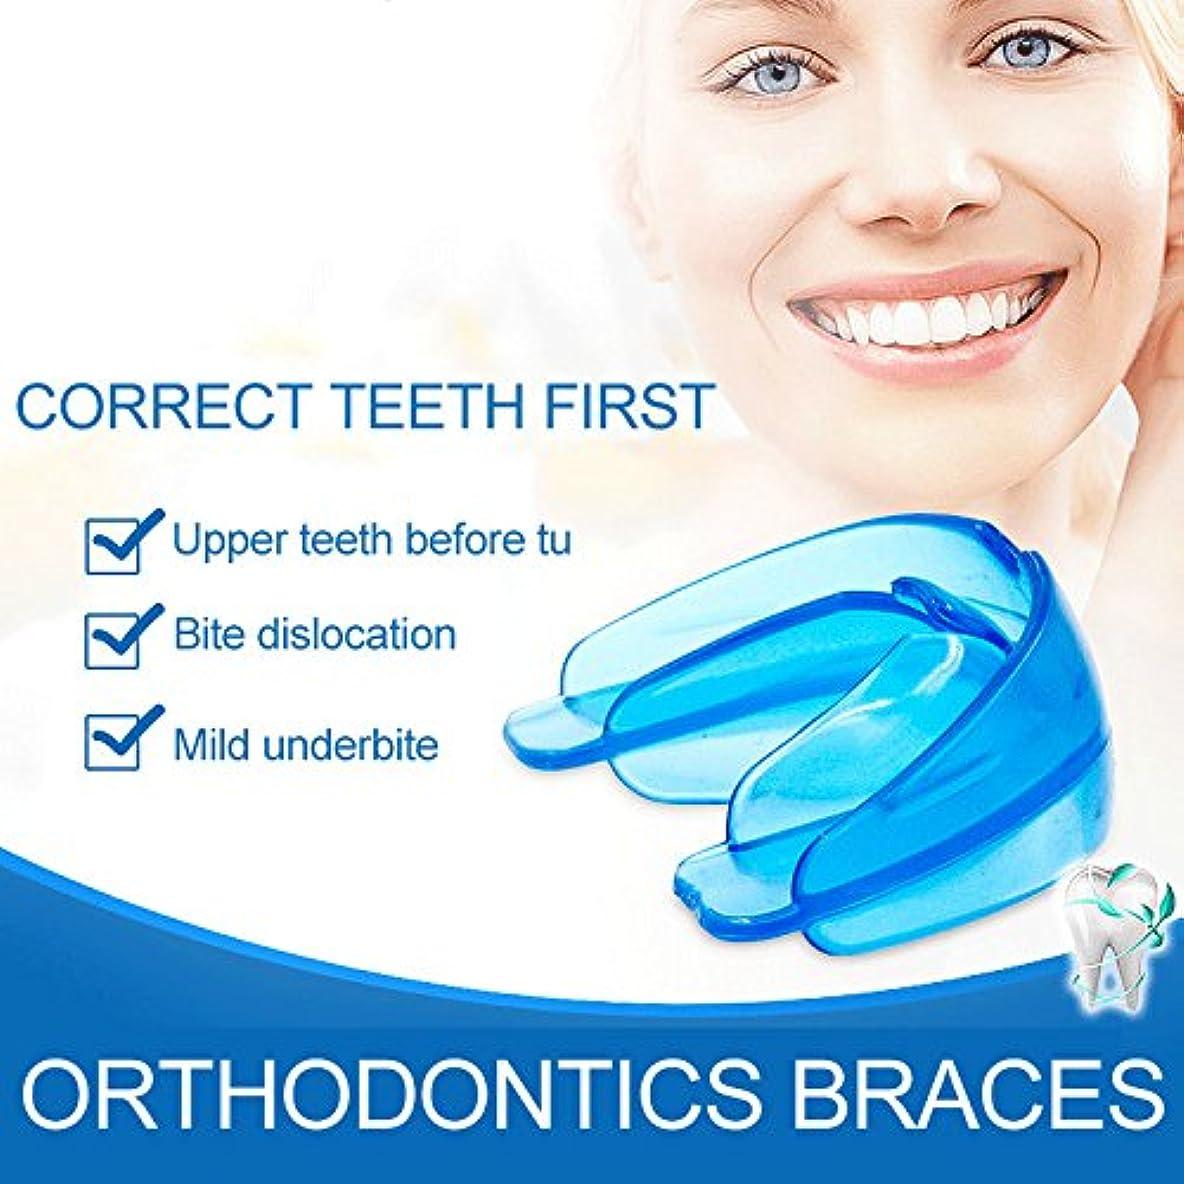 侵入すずめ不完全な歯科矯正 歯科 矯正用固位器 直歯システム 使いやすい ブルー